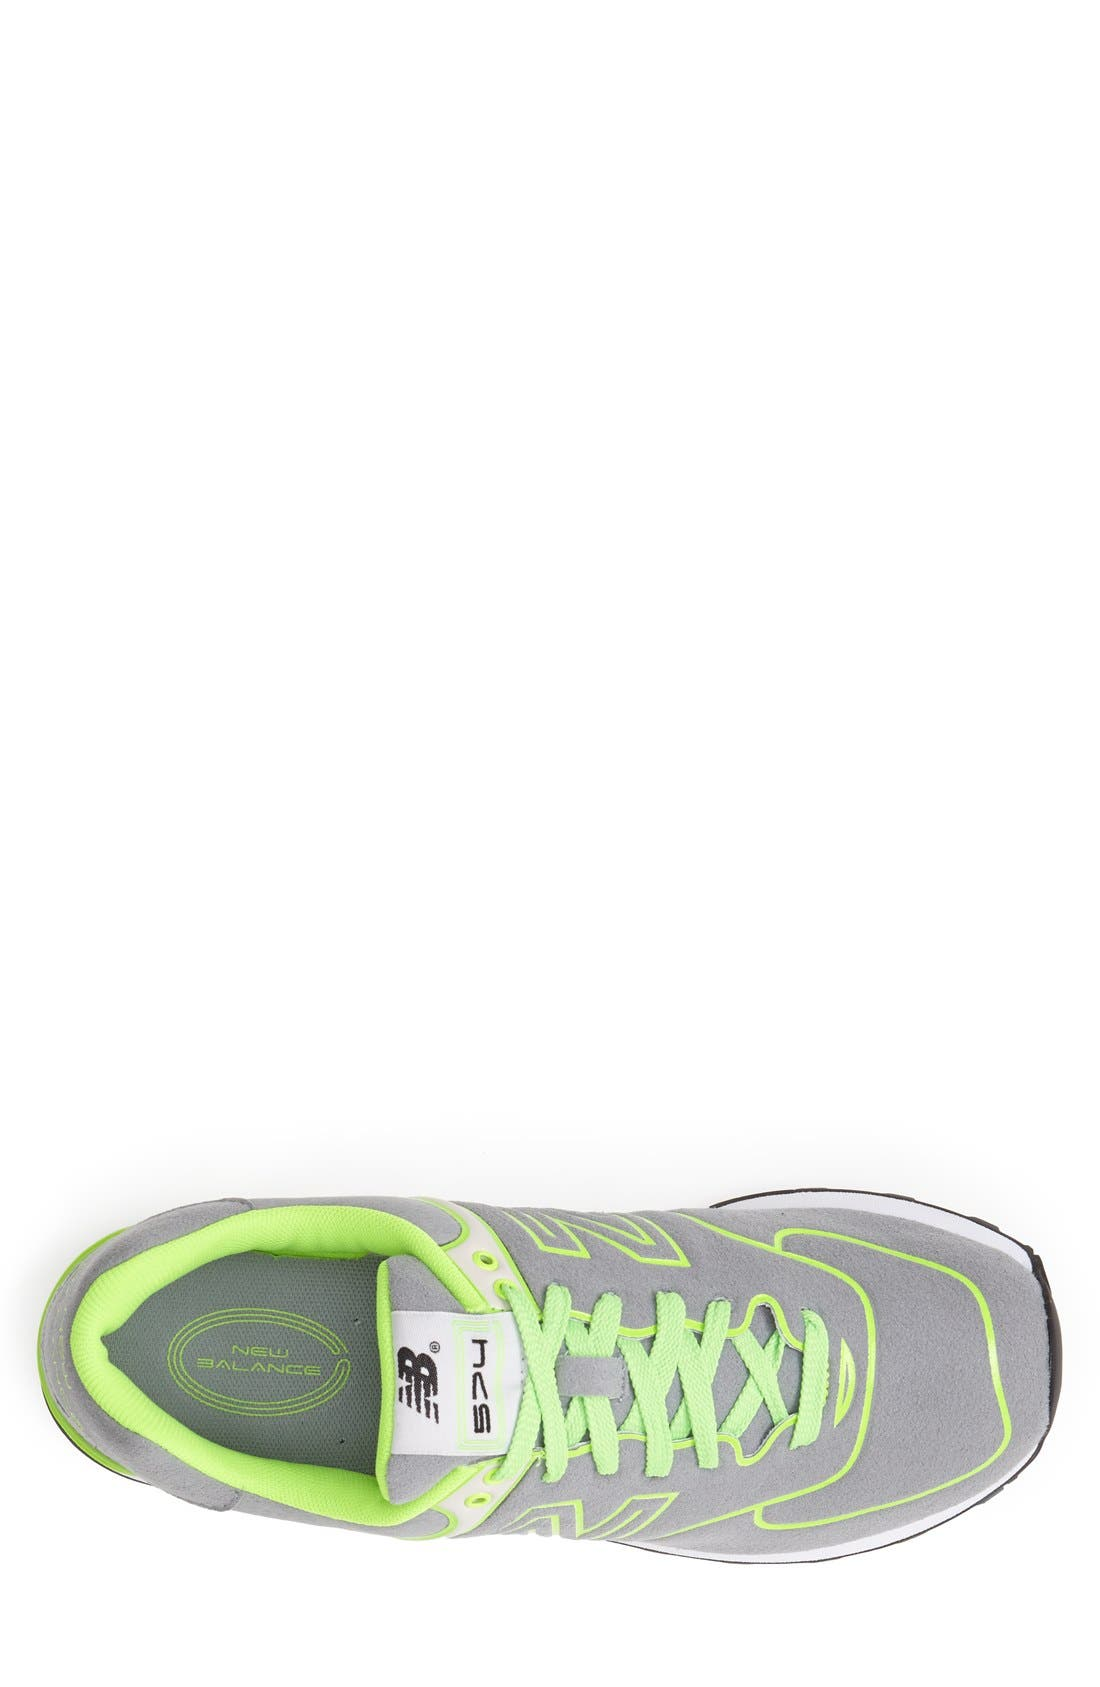 Alternate Image 3  - New Balance '574 Neon' Sneaker (Men)